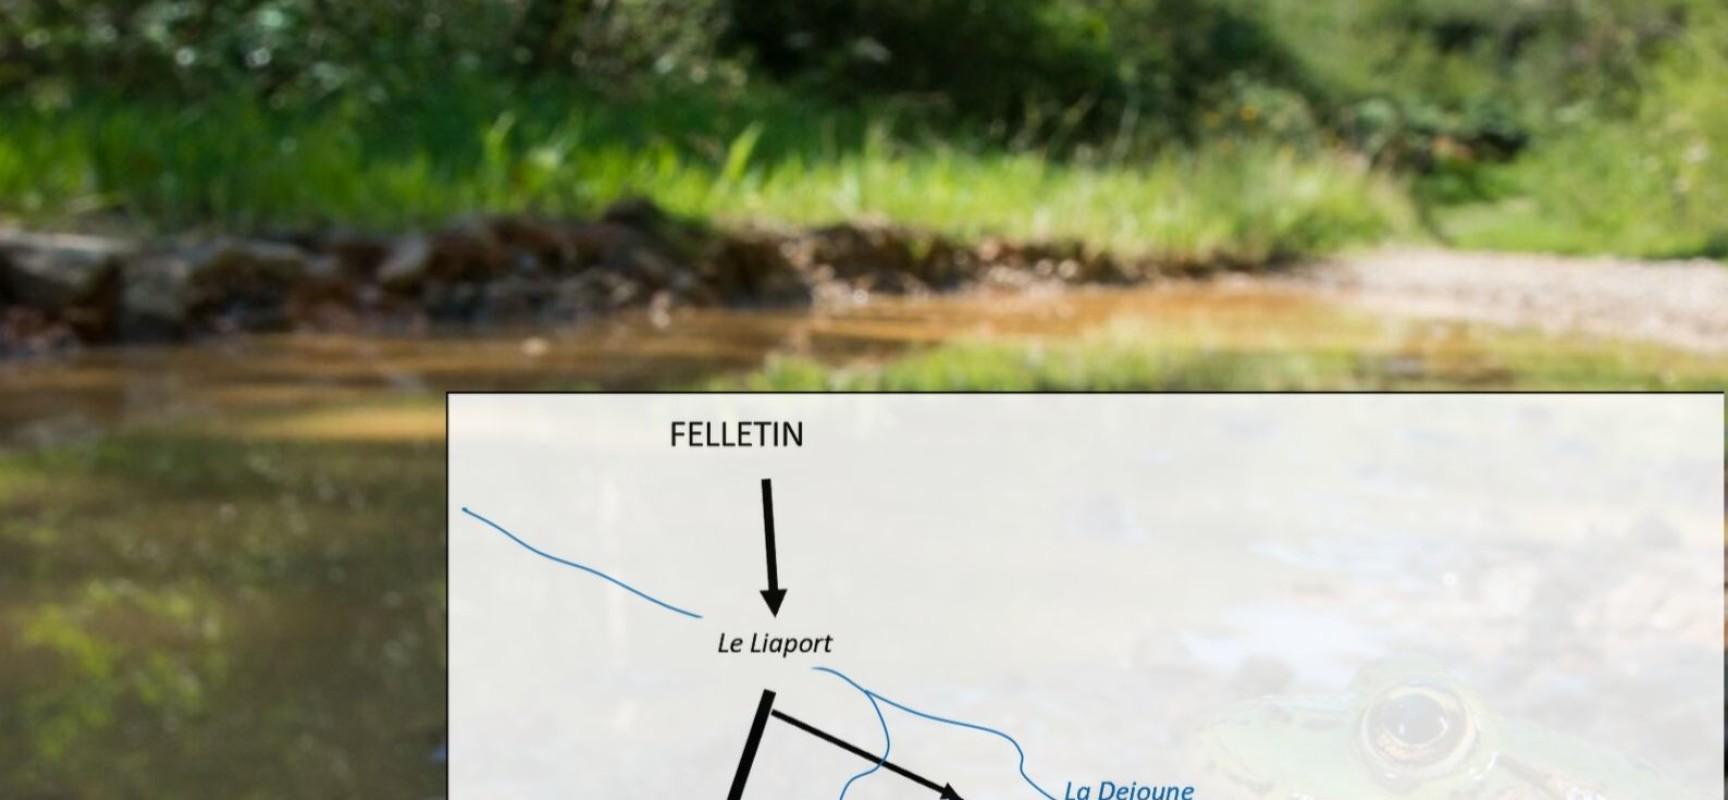 Conférence sur les Zones Humides par Rob VEEN, sur le terrain en vallée de La Dejoune